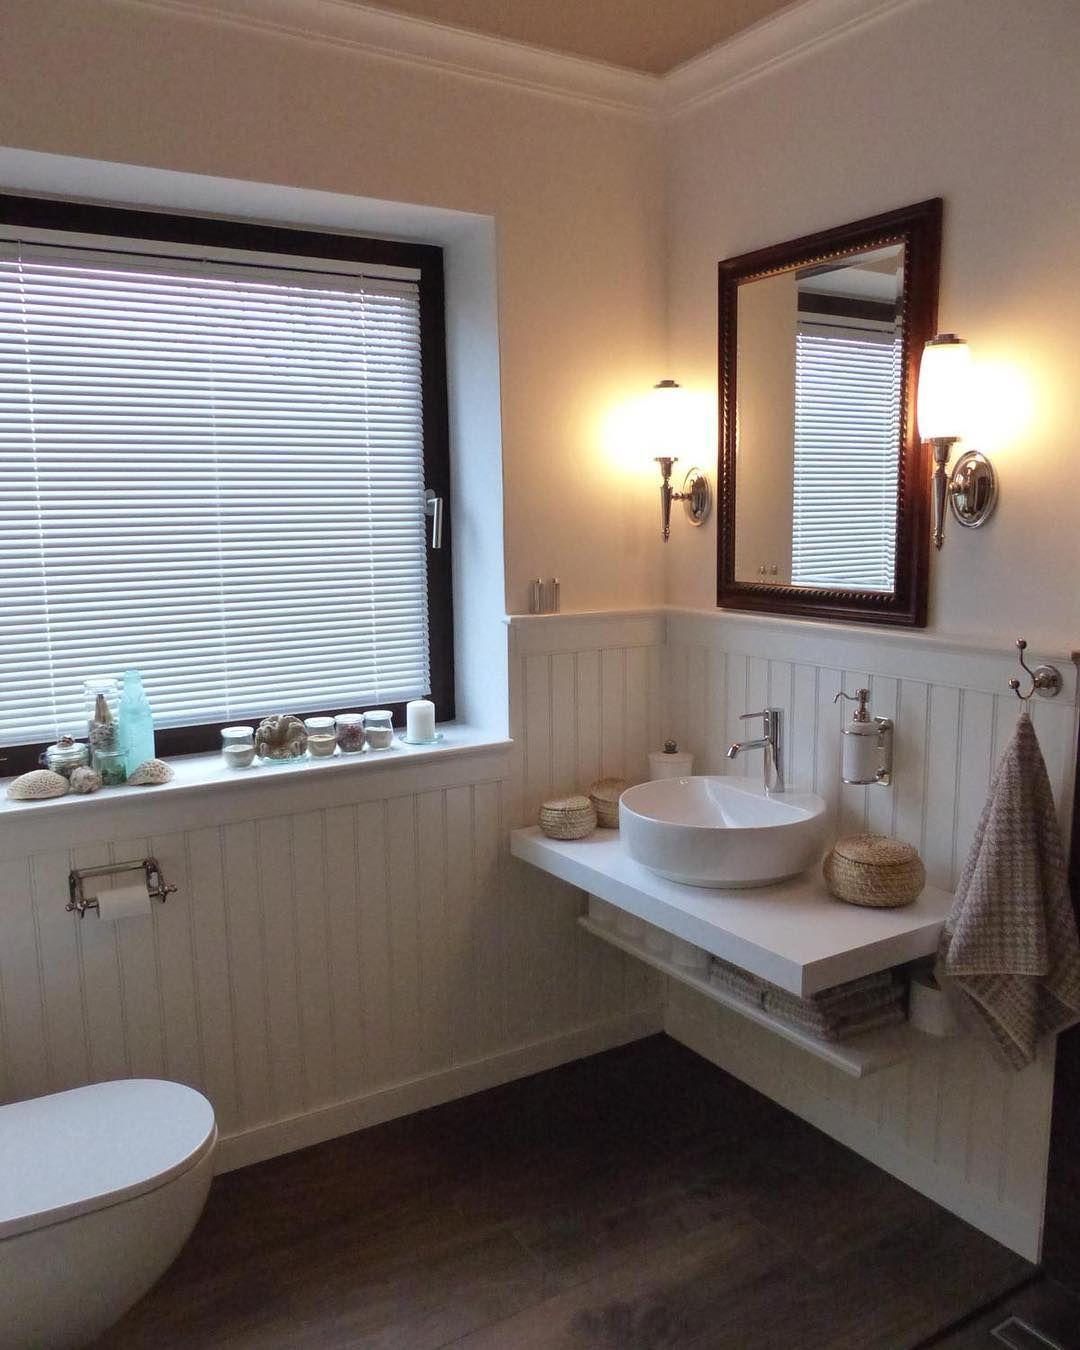 Bader Und Paneele Sind Eine Hervorragende Kombination Um Sich Die Gemutlichkeit Des Landhausstils Ins Haus Zu Hol Framed Bathroom Mirror Bathroom Mirror Decor